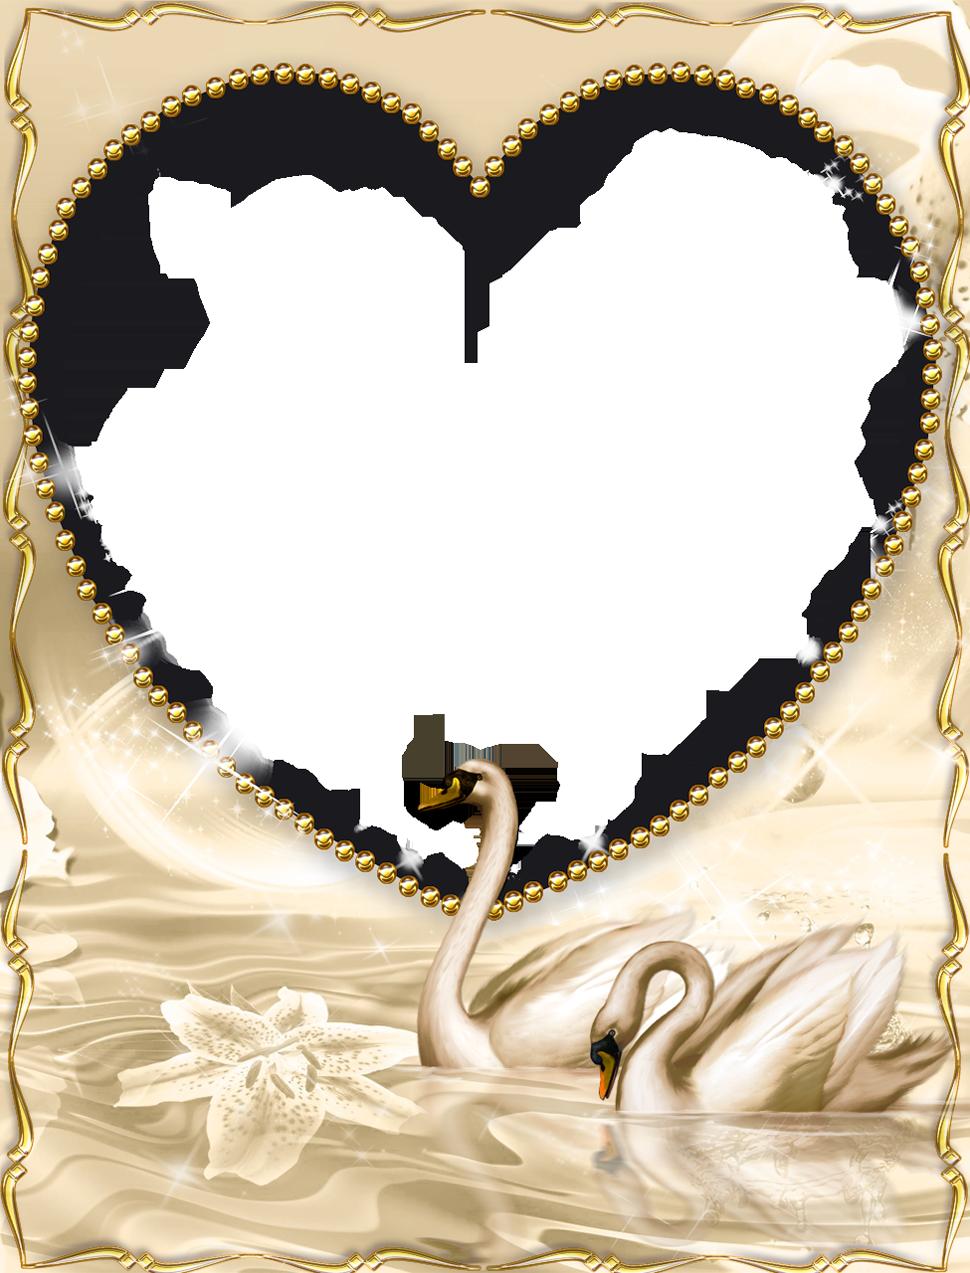 Mẫu khung hình trái tim đẹp nhất